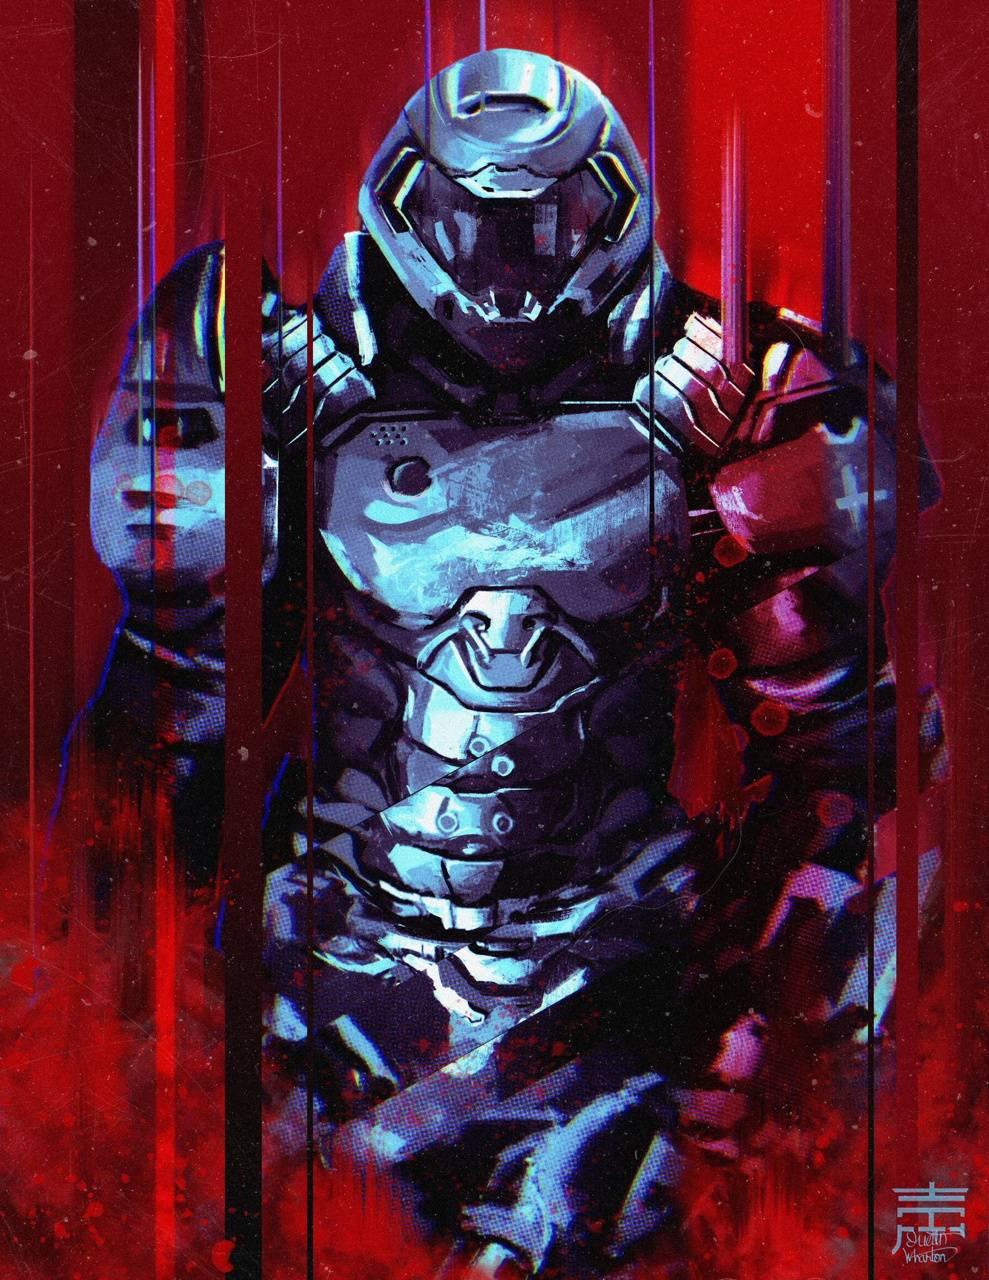 Doom Slayer Wallpapers - Wallpaper Cave